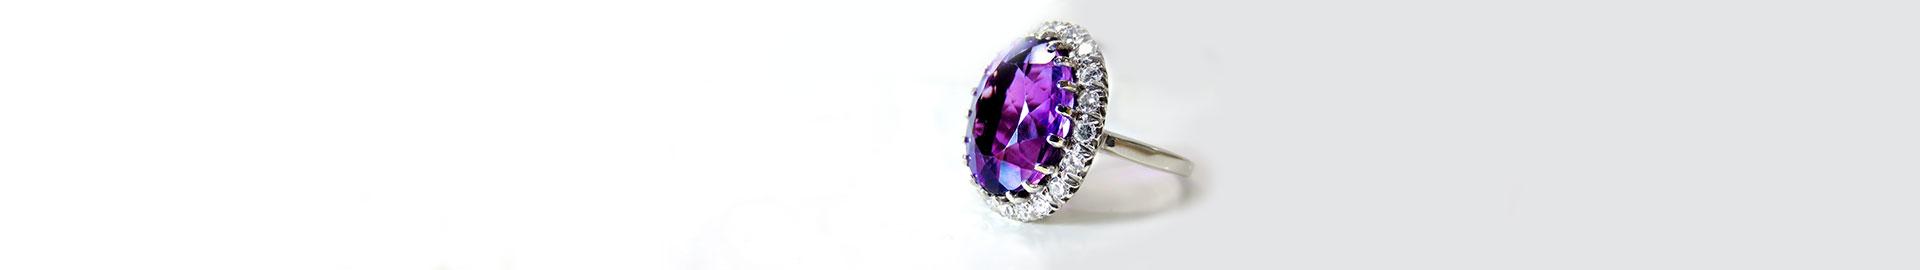 Rings with colour stones Zazare Diamonds